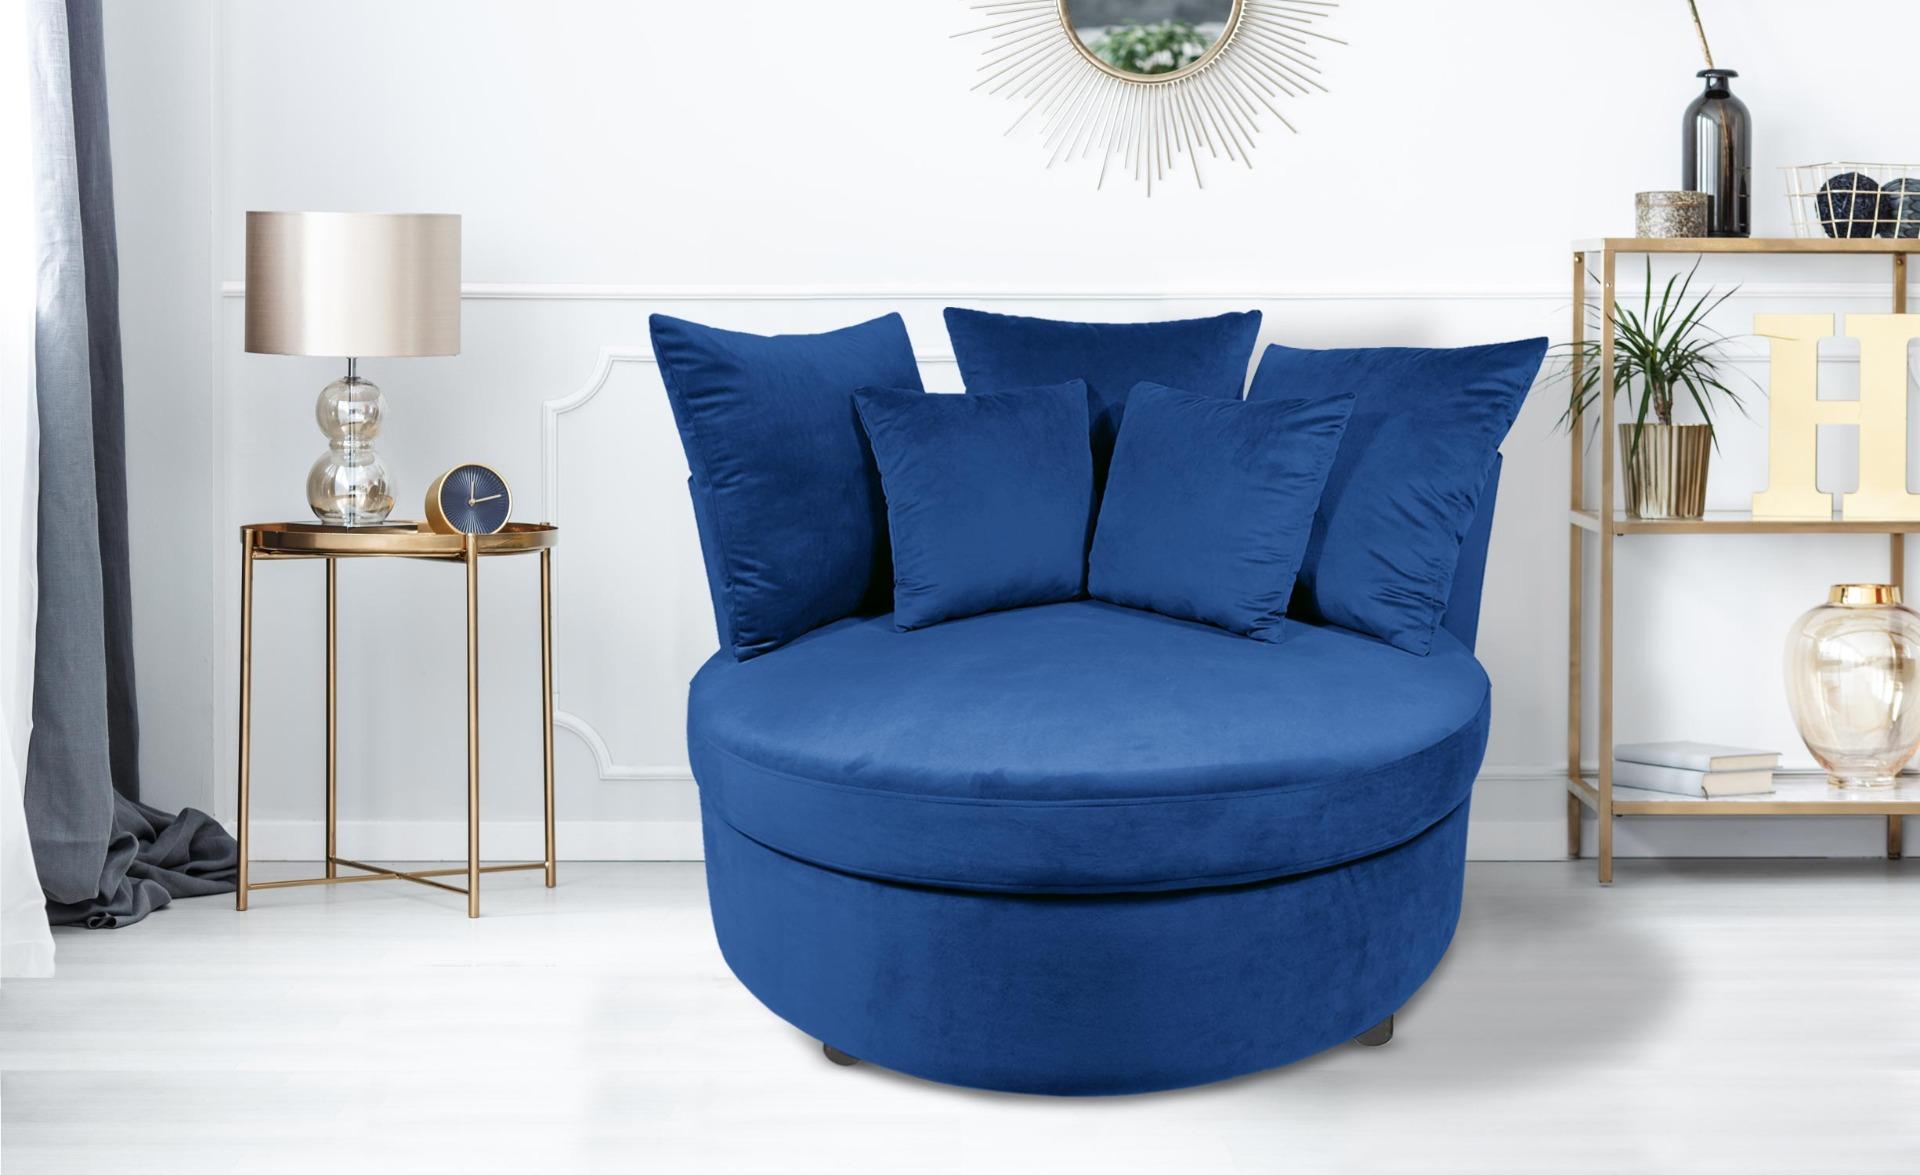 XXL Musso fauteuil van blauw fluweel